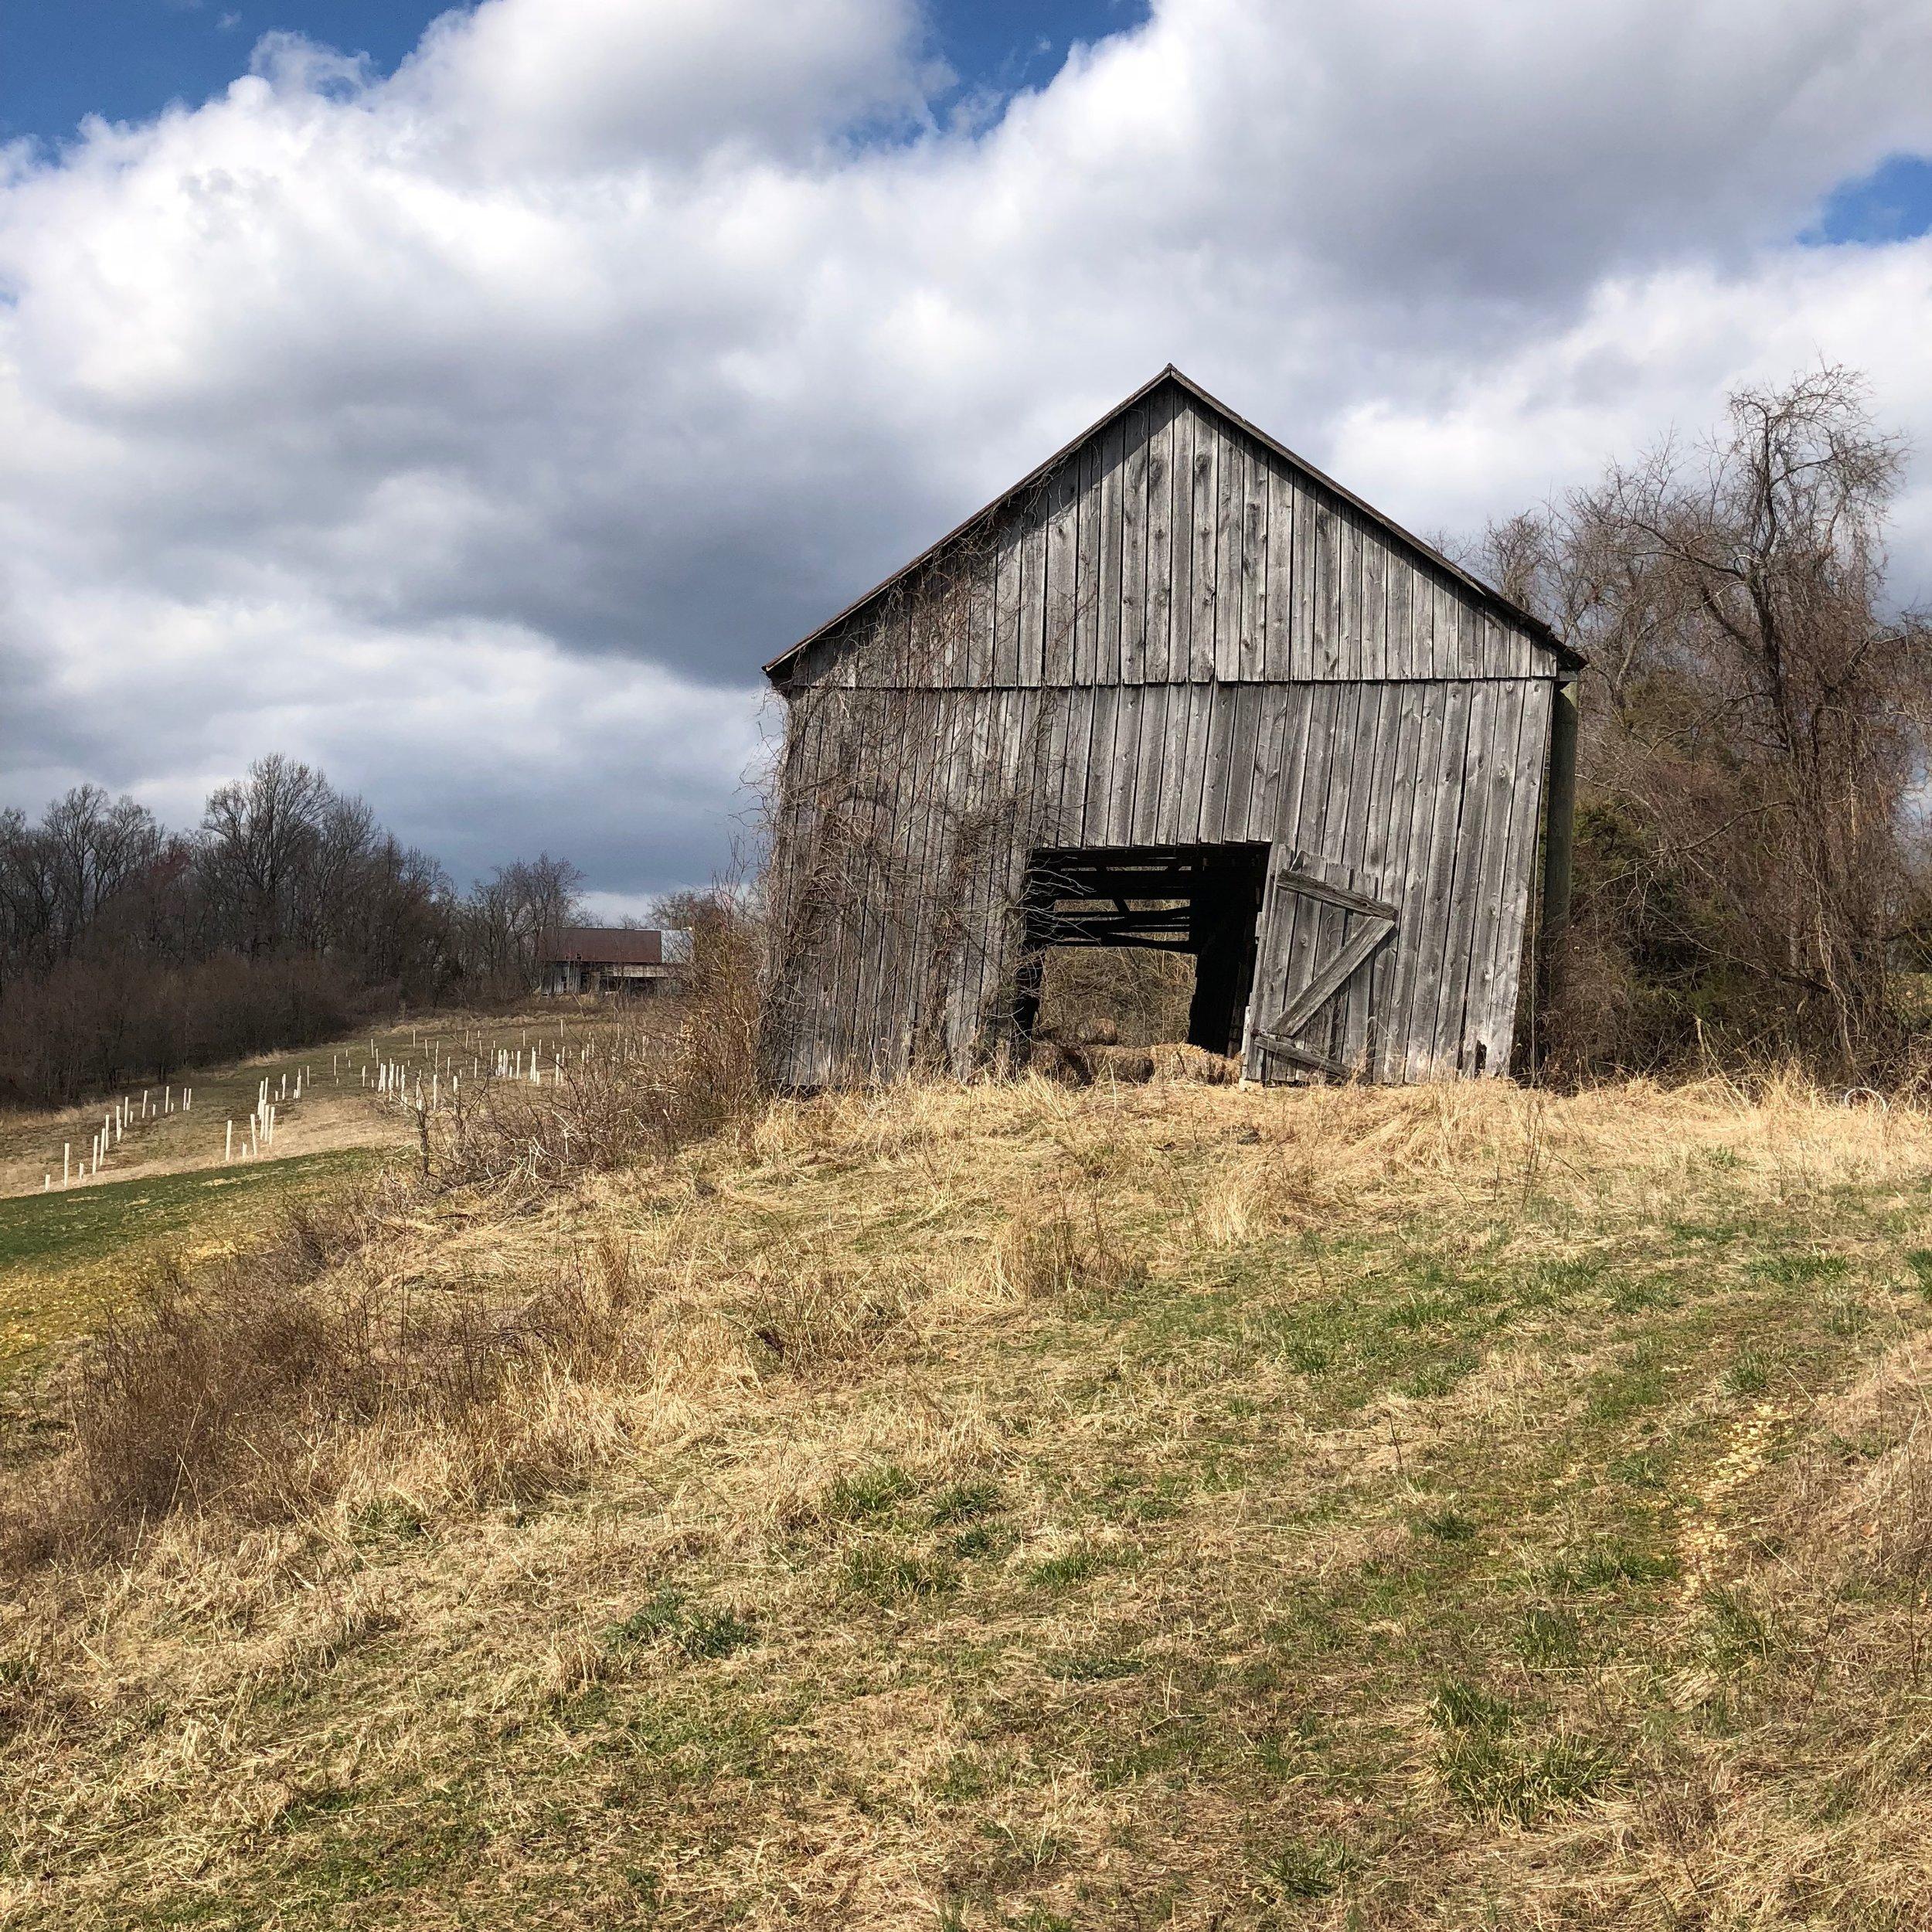 Photo looking down road at both barns.